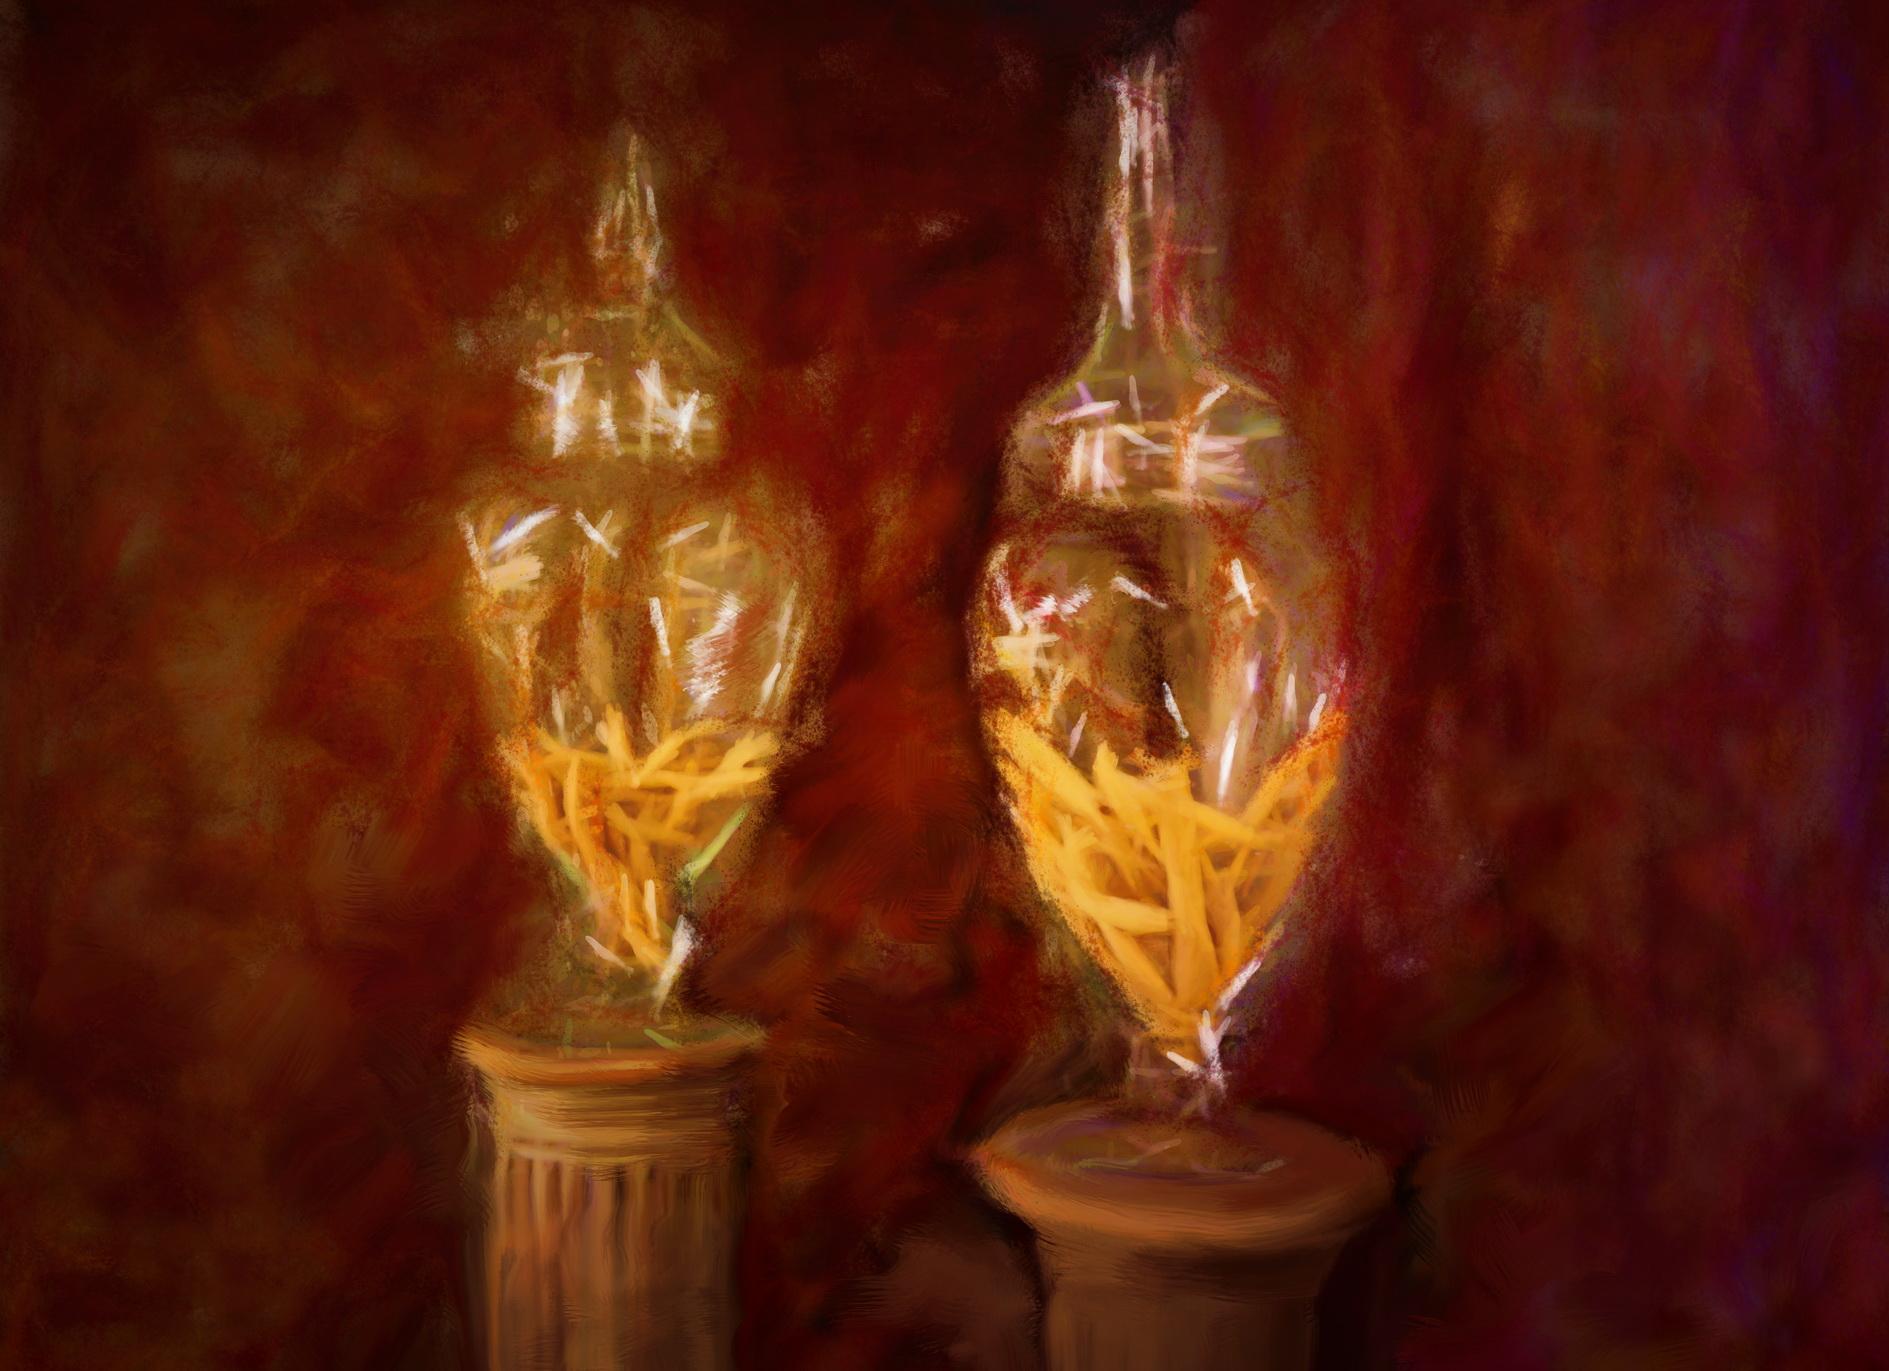 Flamant design vazen, een schilderen van Laure Van De Meele, Belgische kunstenaar